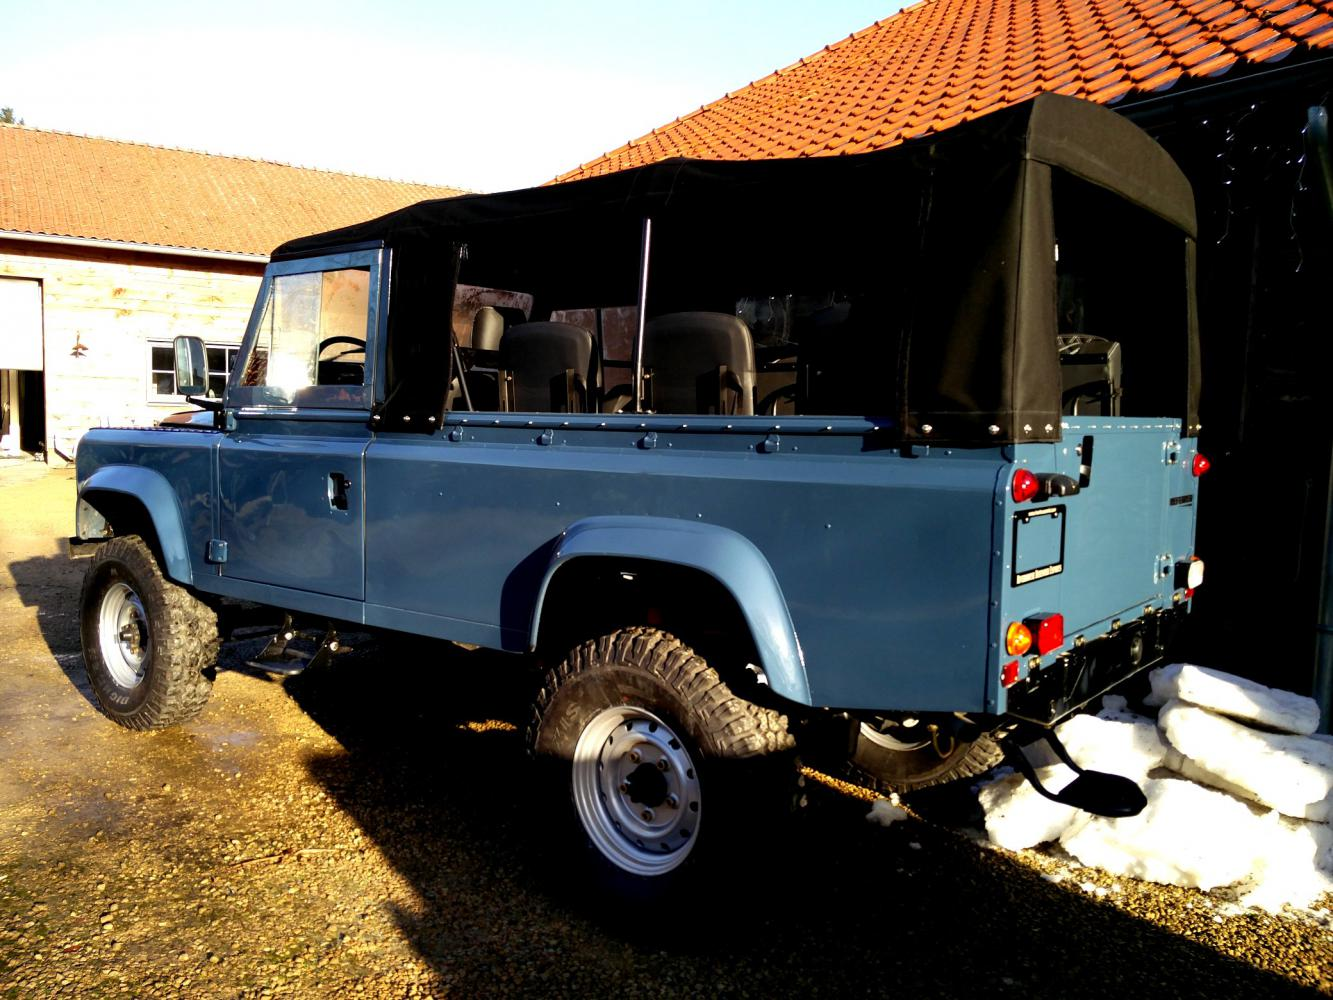 Click image for larger version  Name:1988 LR LHD Defender 110 Arles Blue day 40 left rear.jpg Views:35 Size:187.9 KB ID:359433